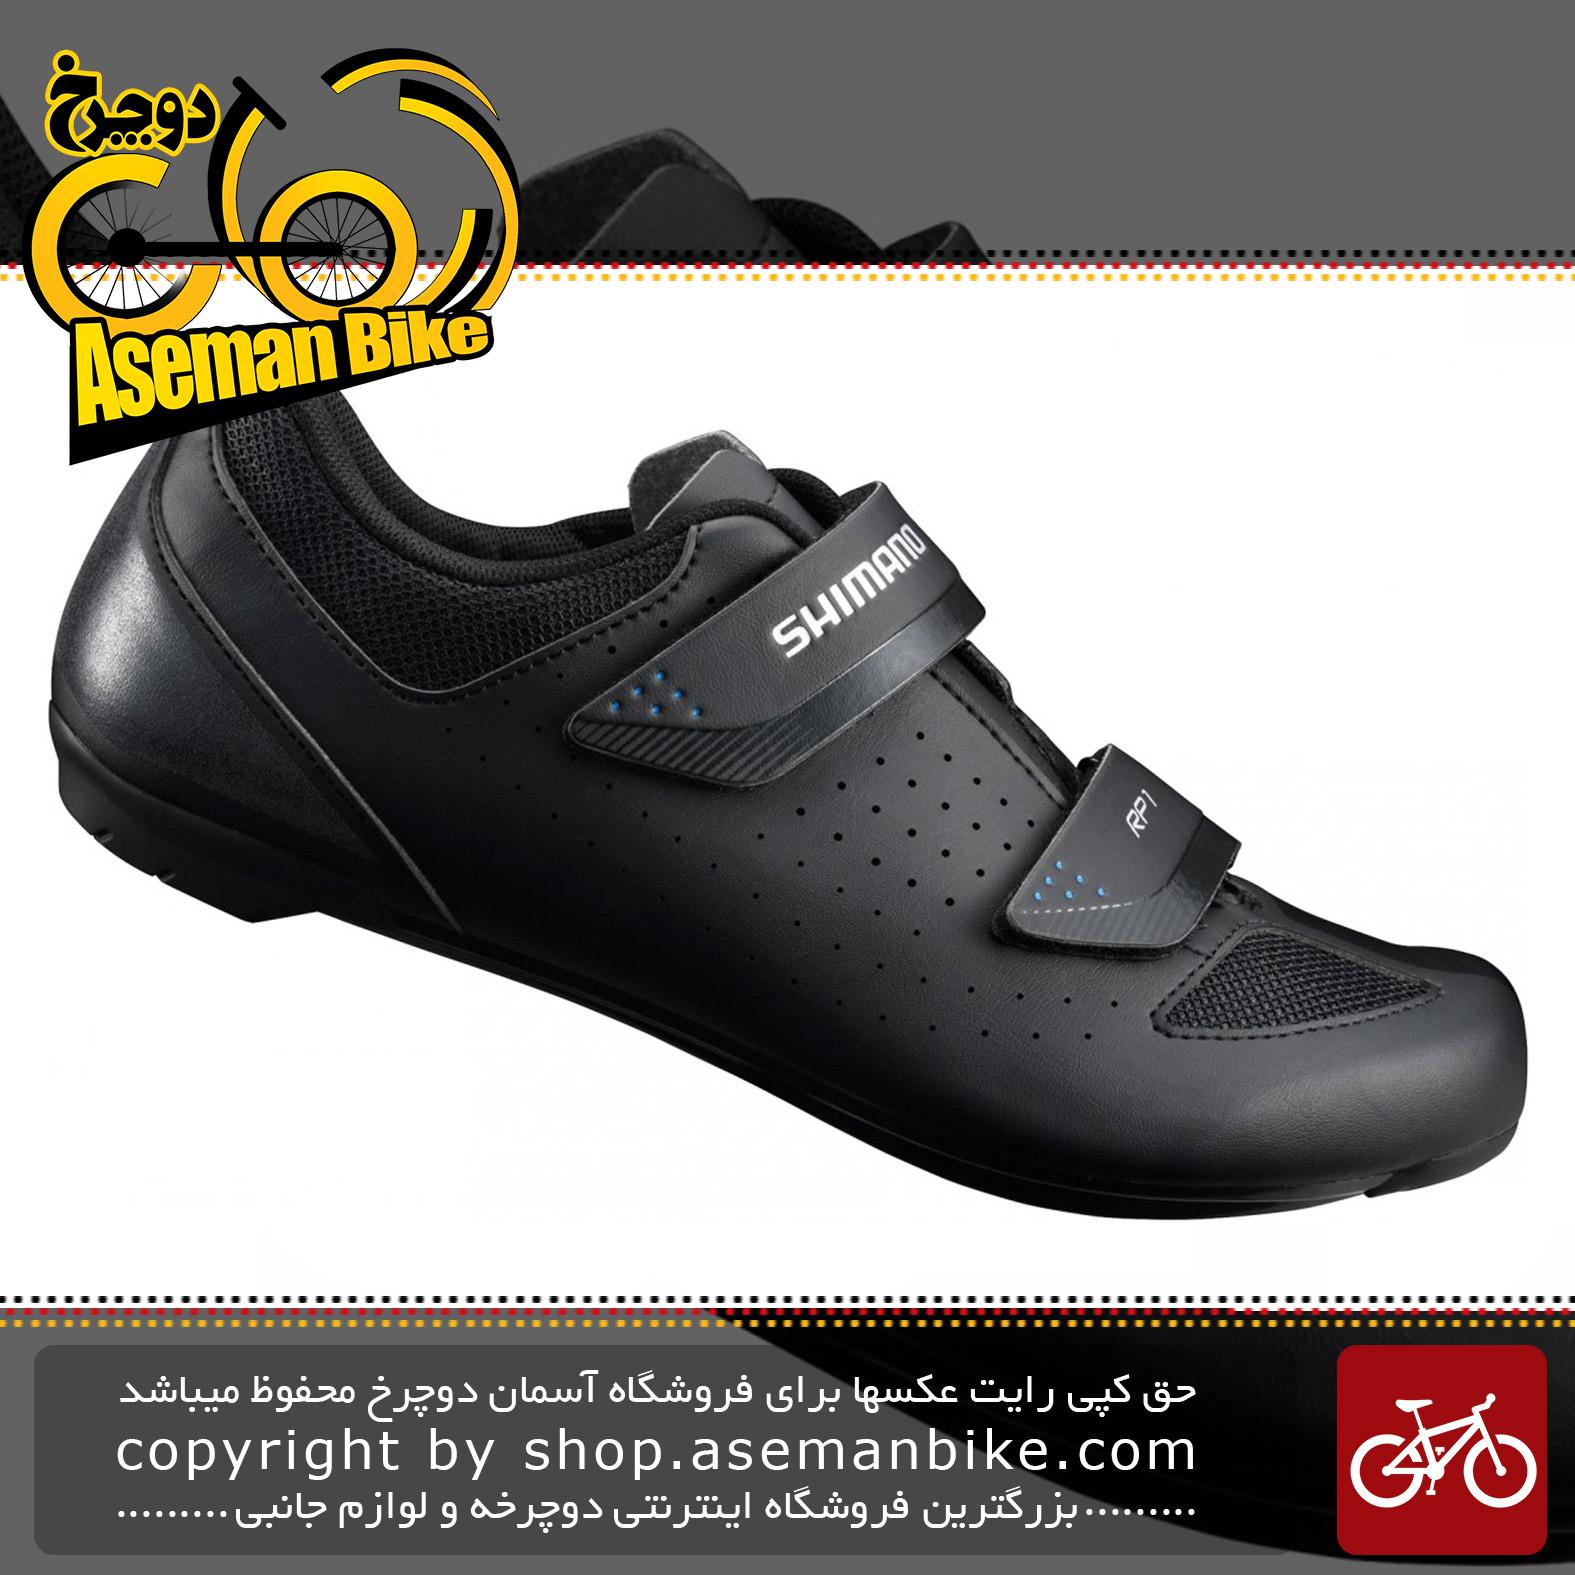 کفش لاک قفل شیمانو کورسی مدل آر پی 1 Shimano SH-RP1 Road Shoes